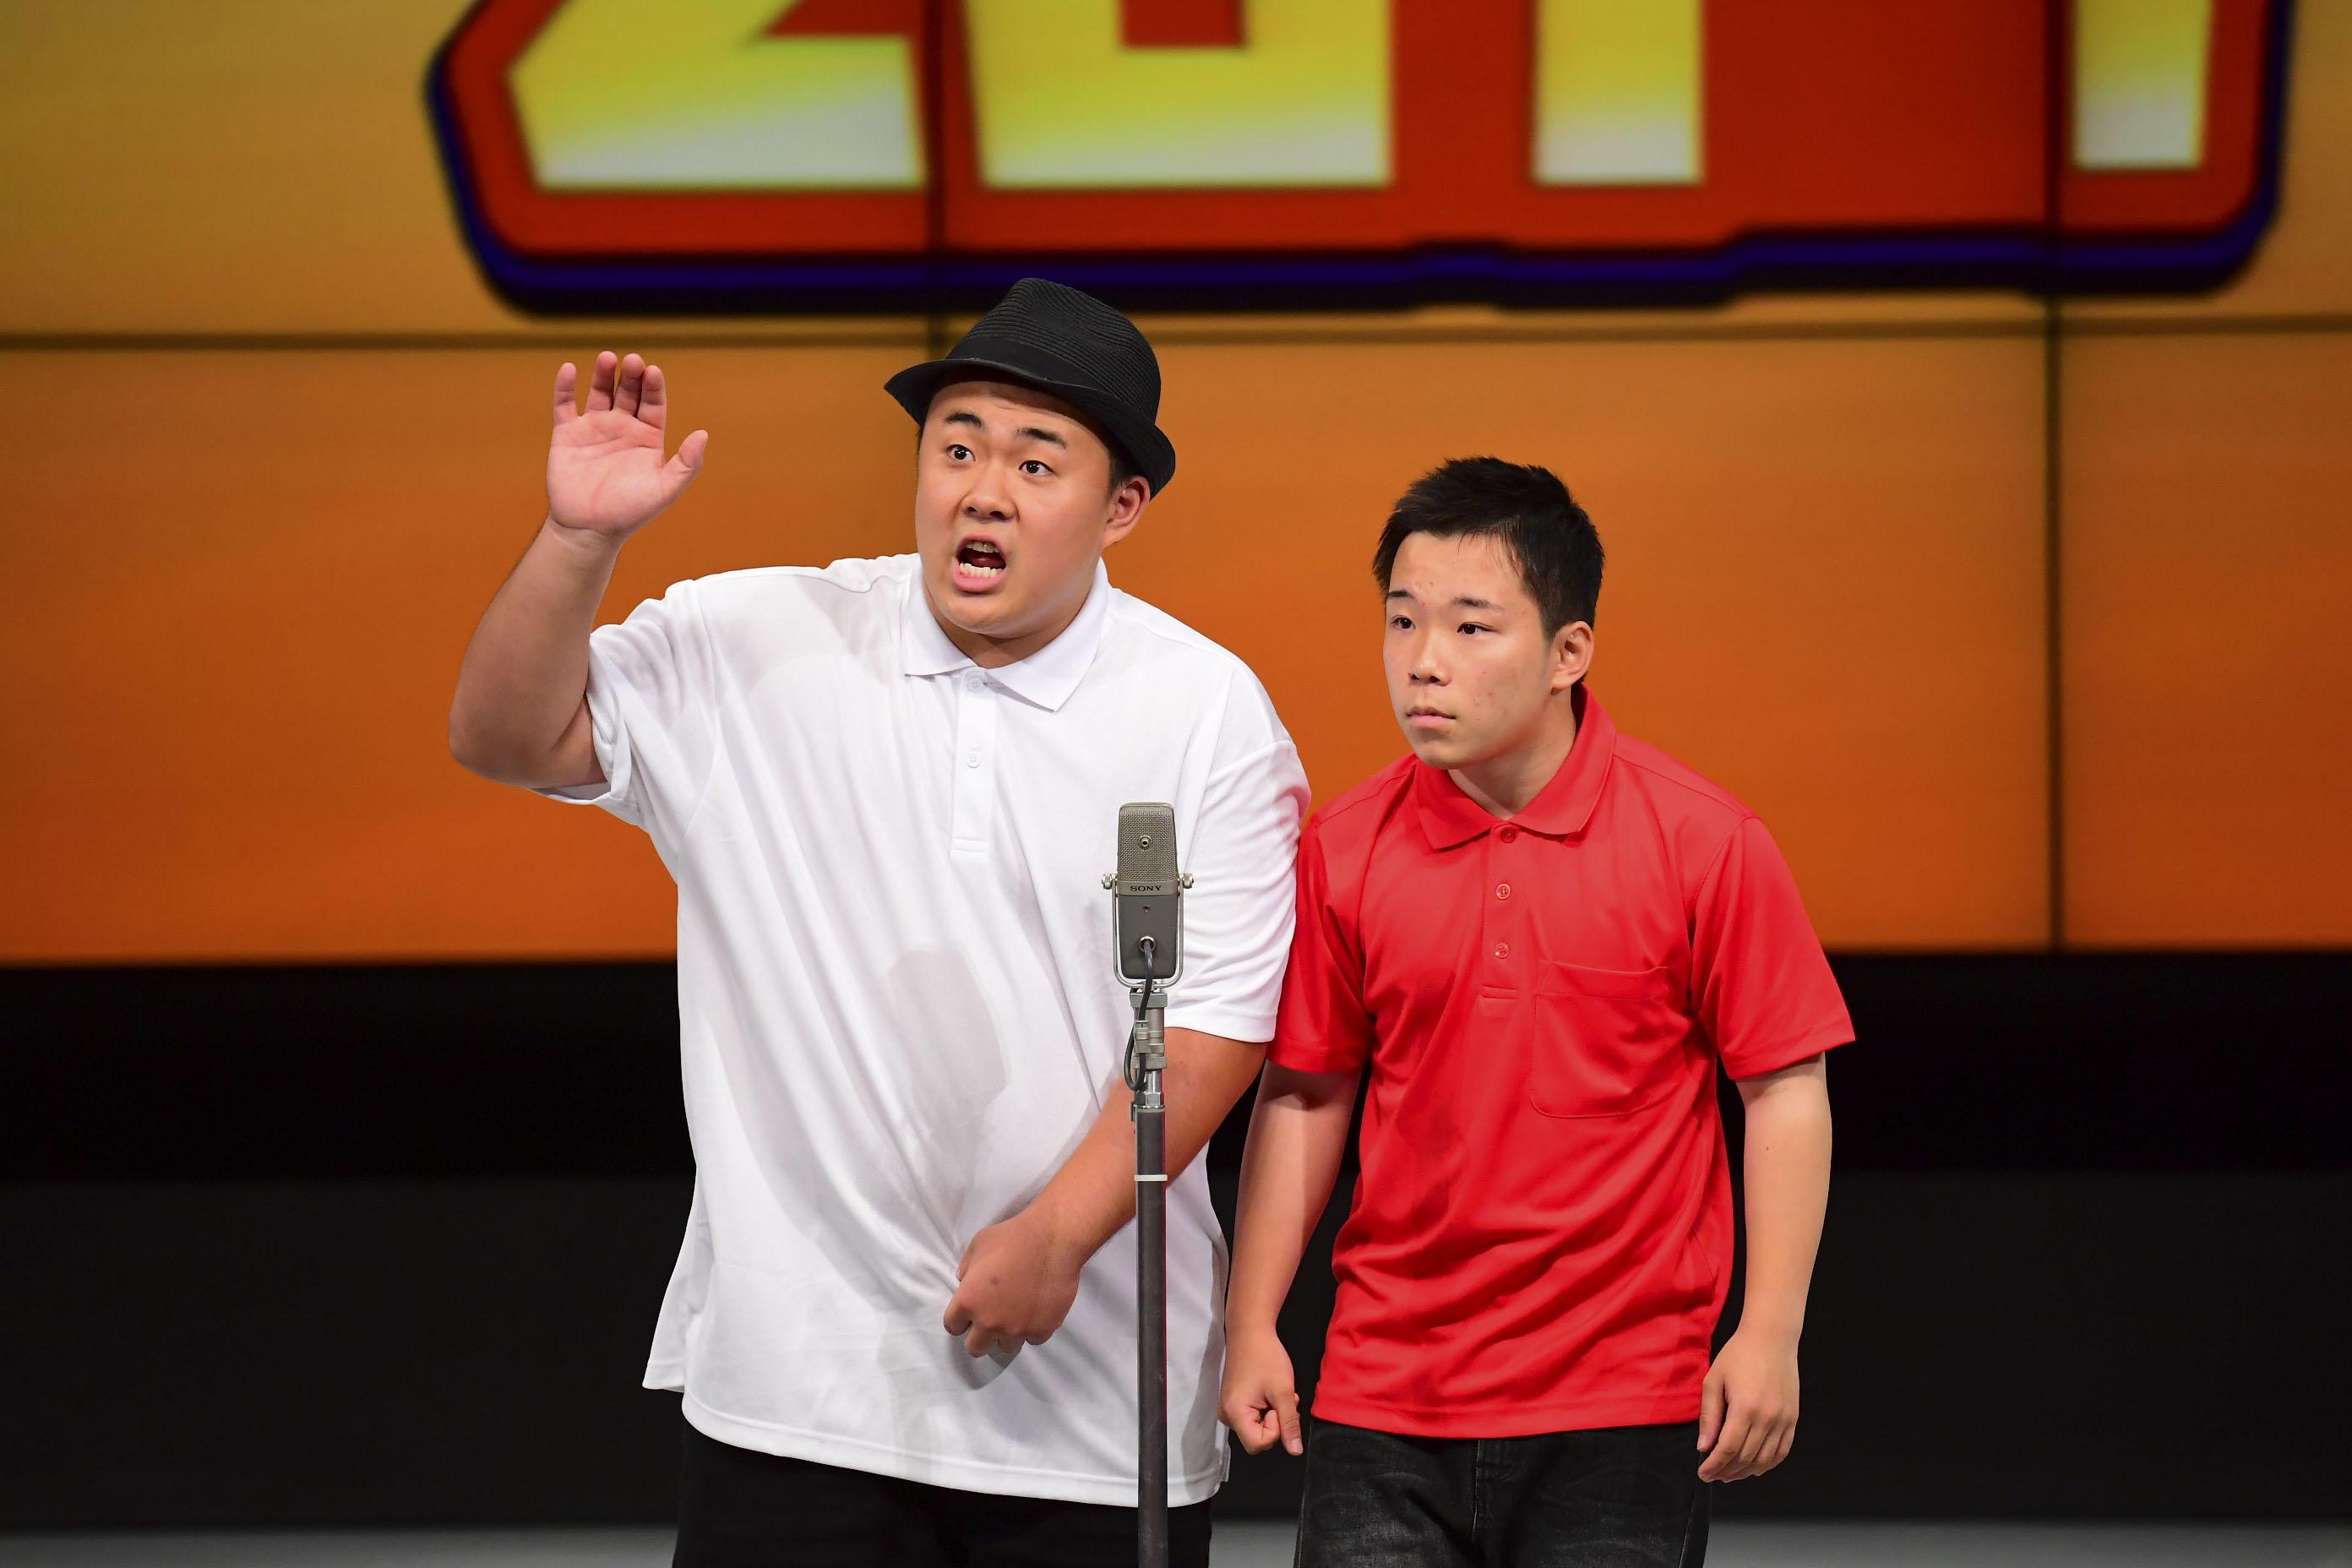 http://news.yoshimoto.co.jp/20170830150031-38fa826d96f49c847d678dc82db8cca1808e3f55.jpg